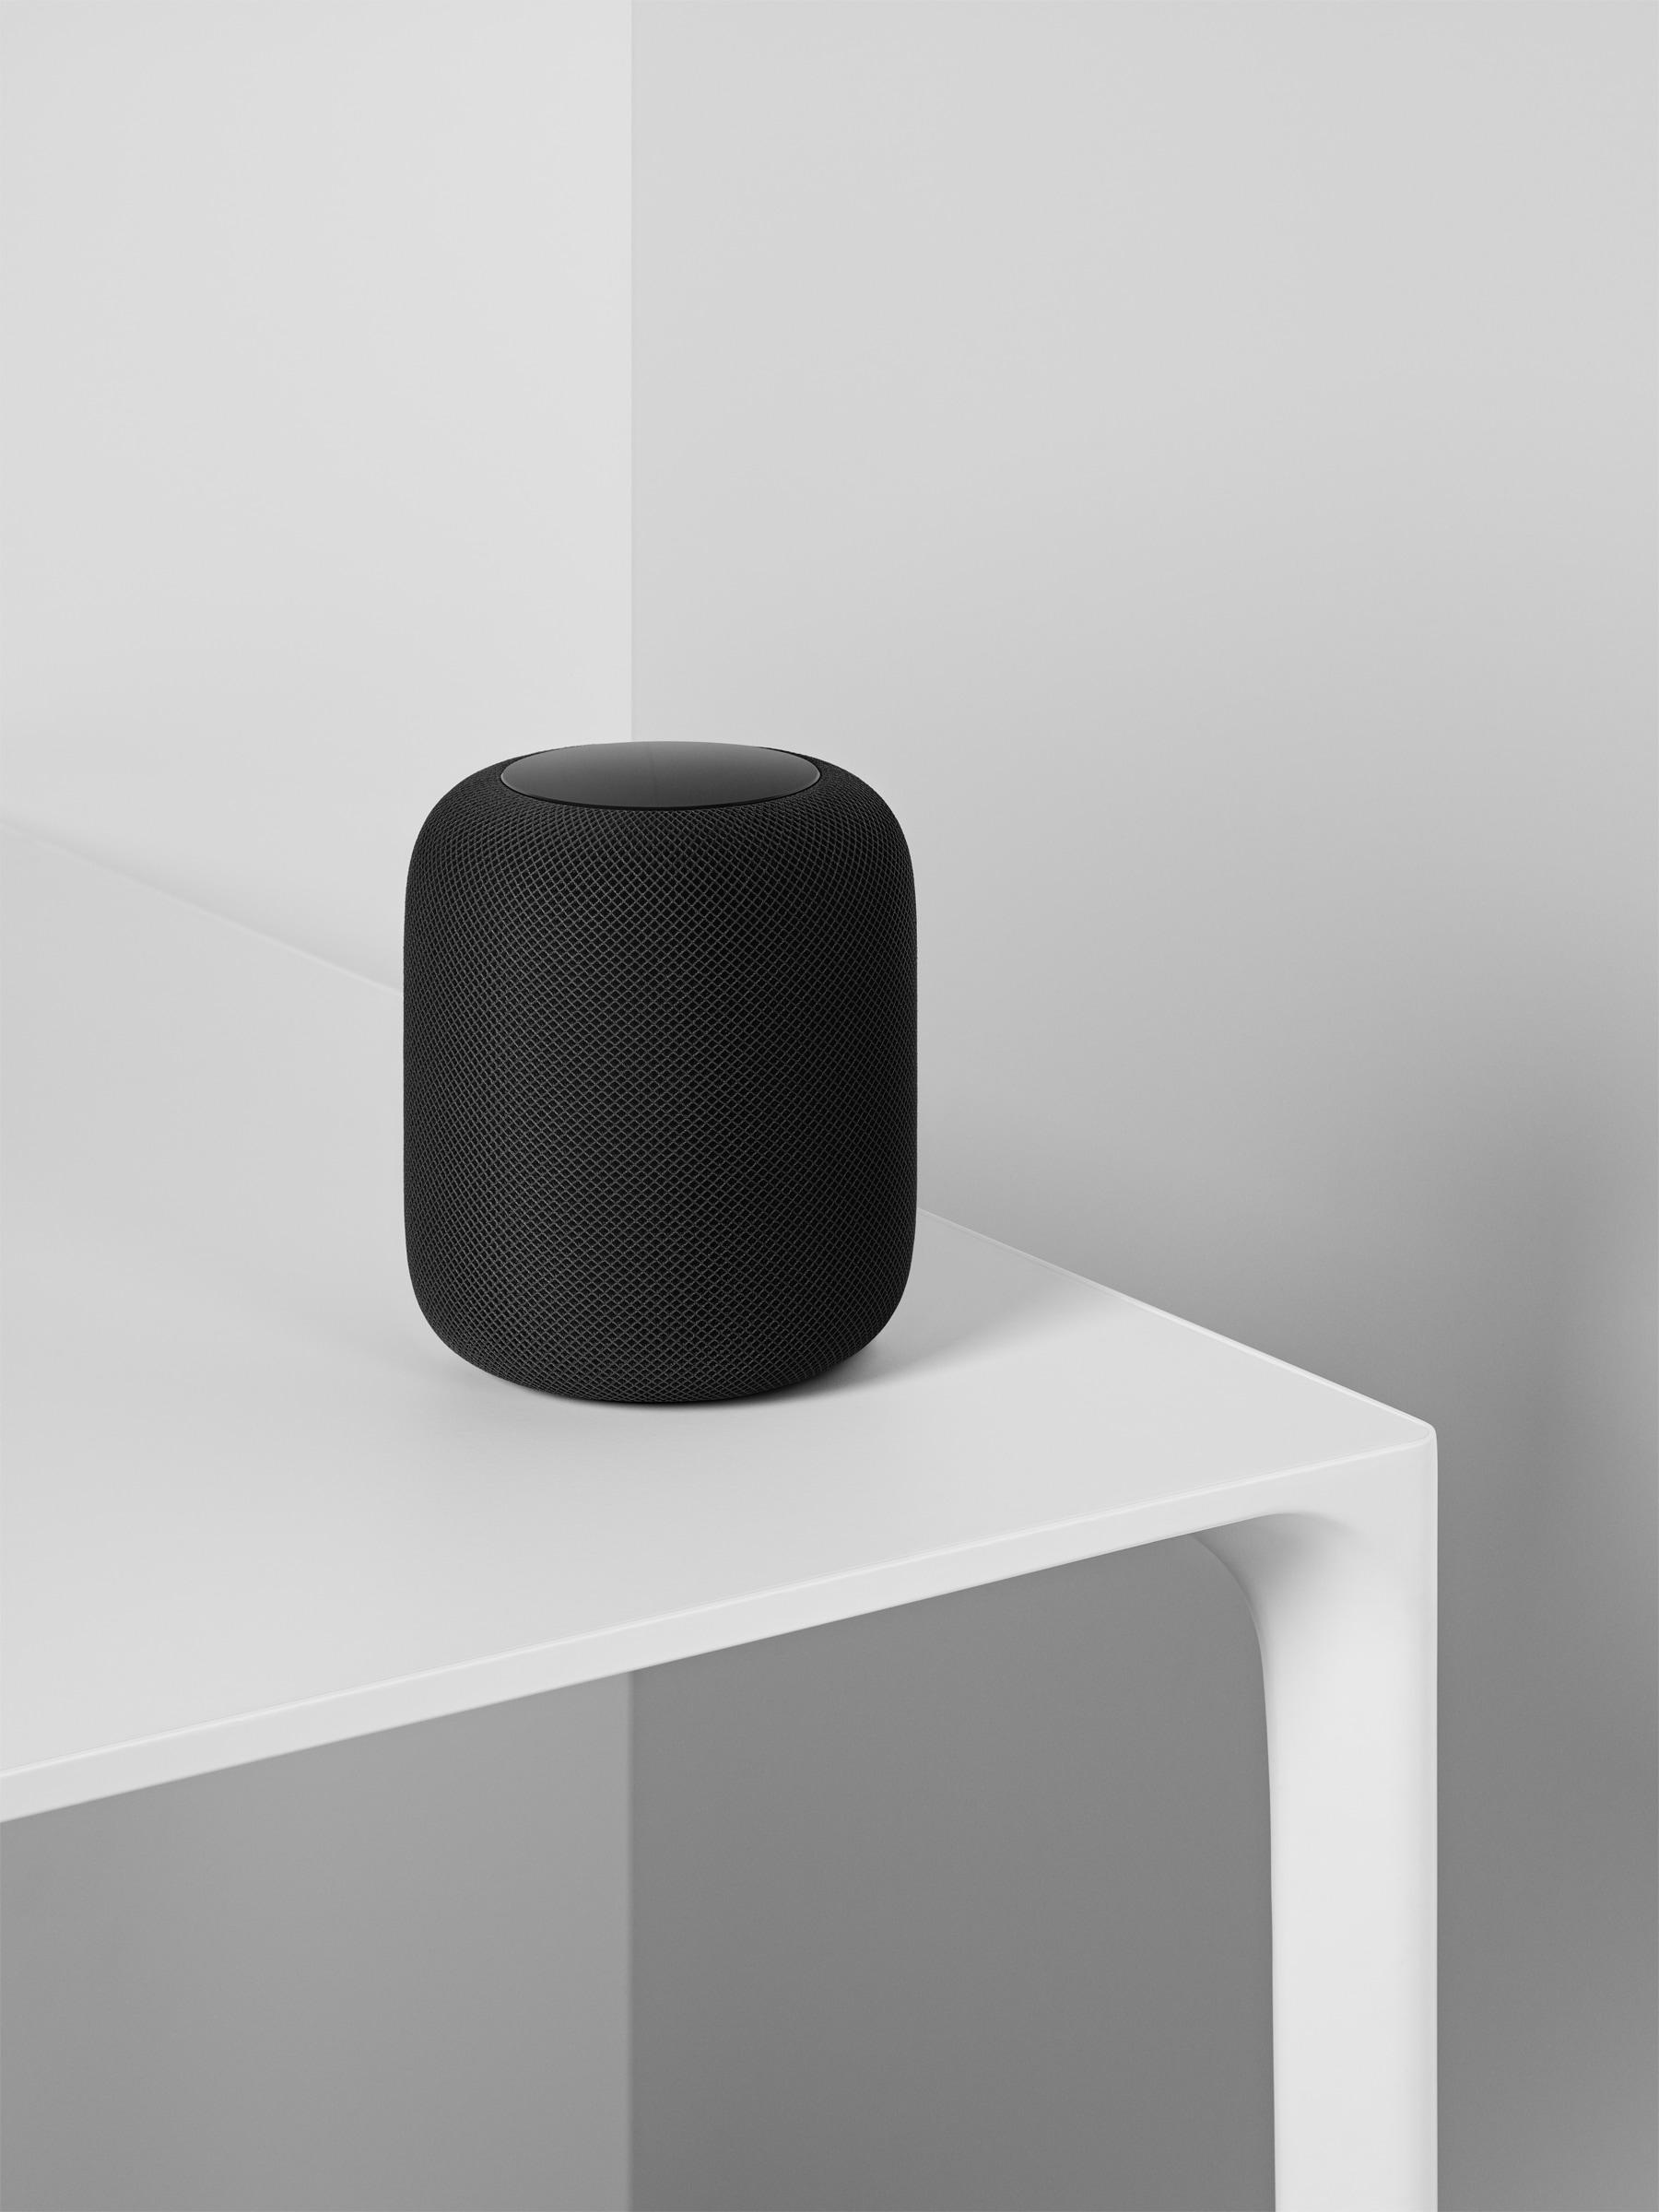 HomePod preto no canto de uma mesa branca